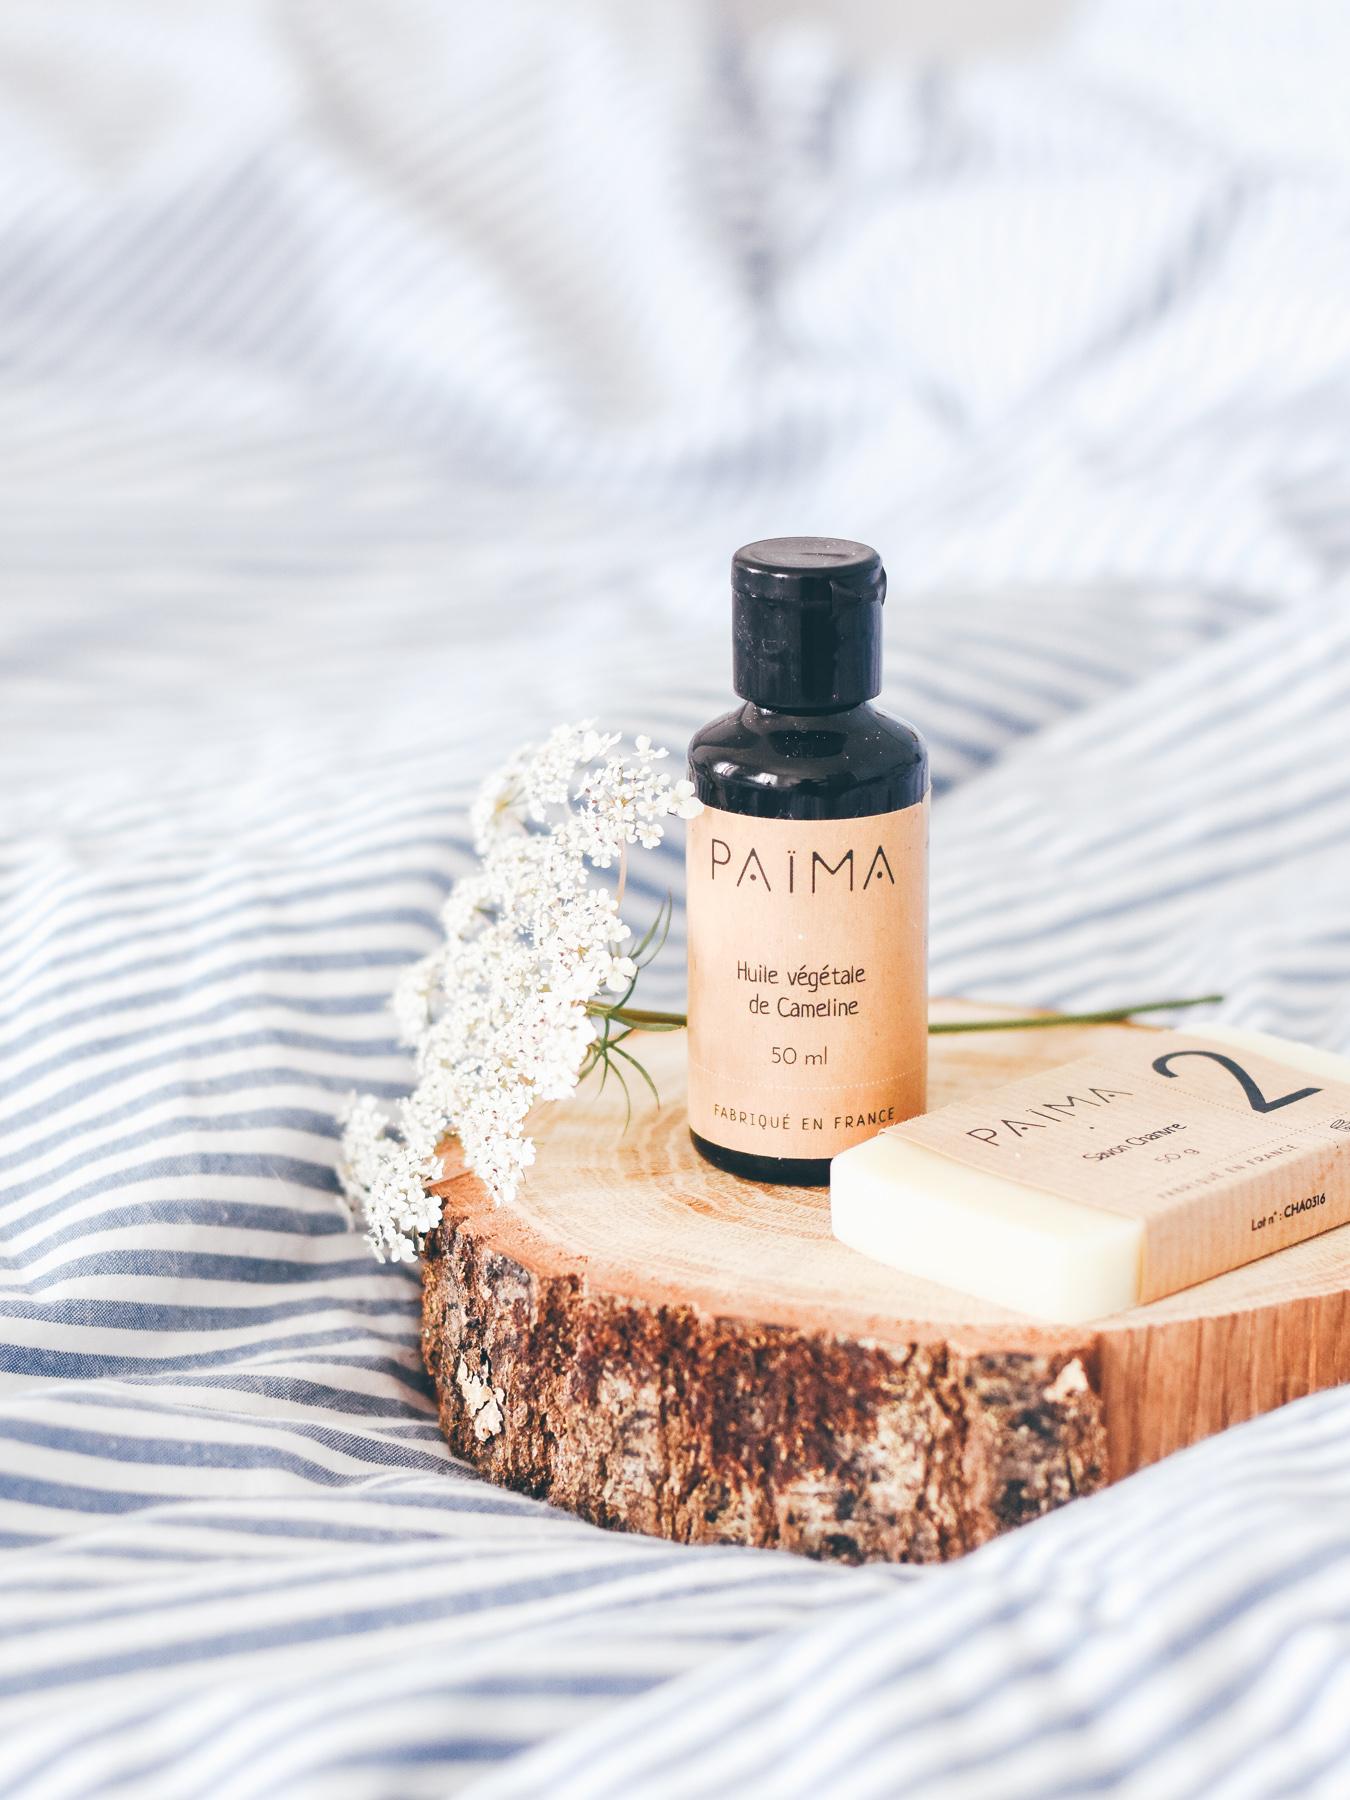 Leaf - Le layering pour peaux sensibles avec le kit Païma